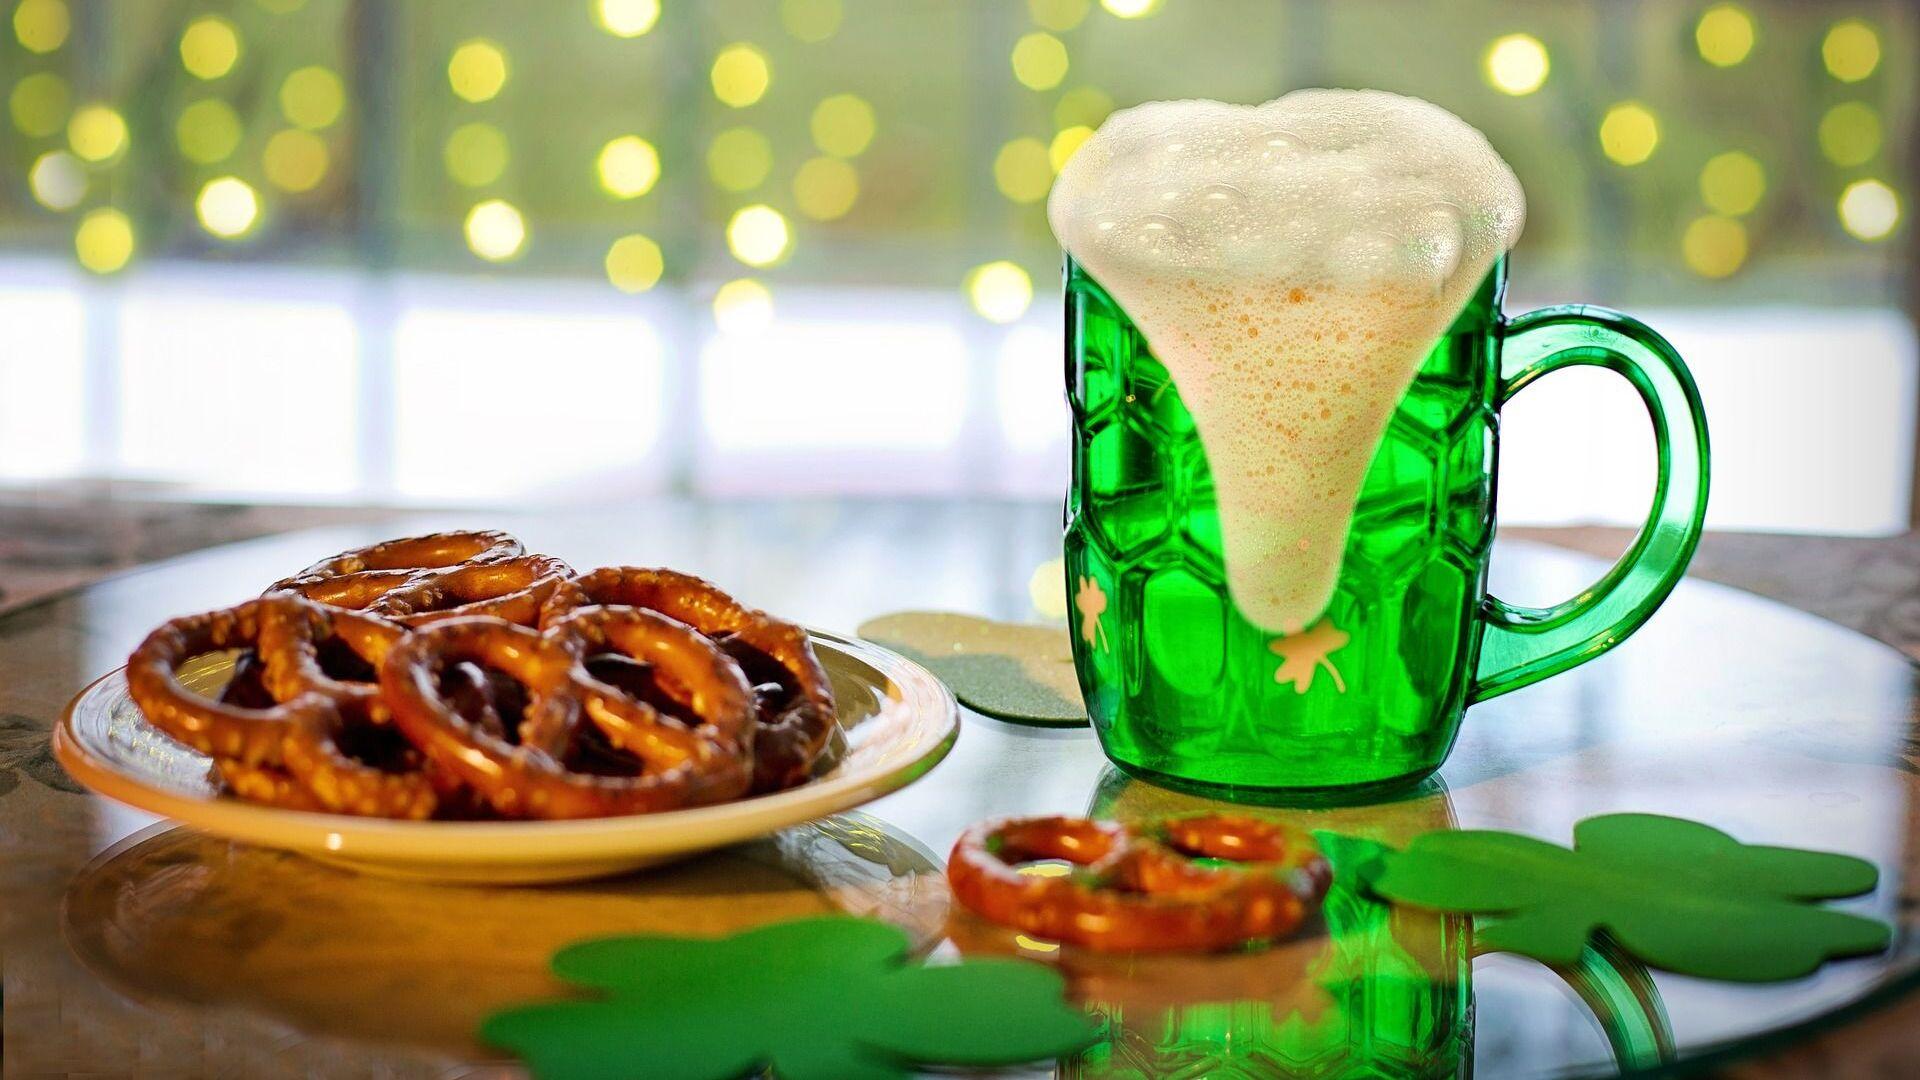 Cerveza y pretzels típicos de la celebración de San Patricio. Imagen referencial - Sputnik Mundo, 1920, 17.03.2021